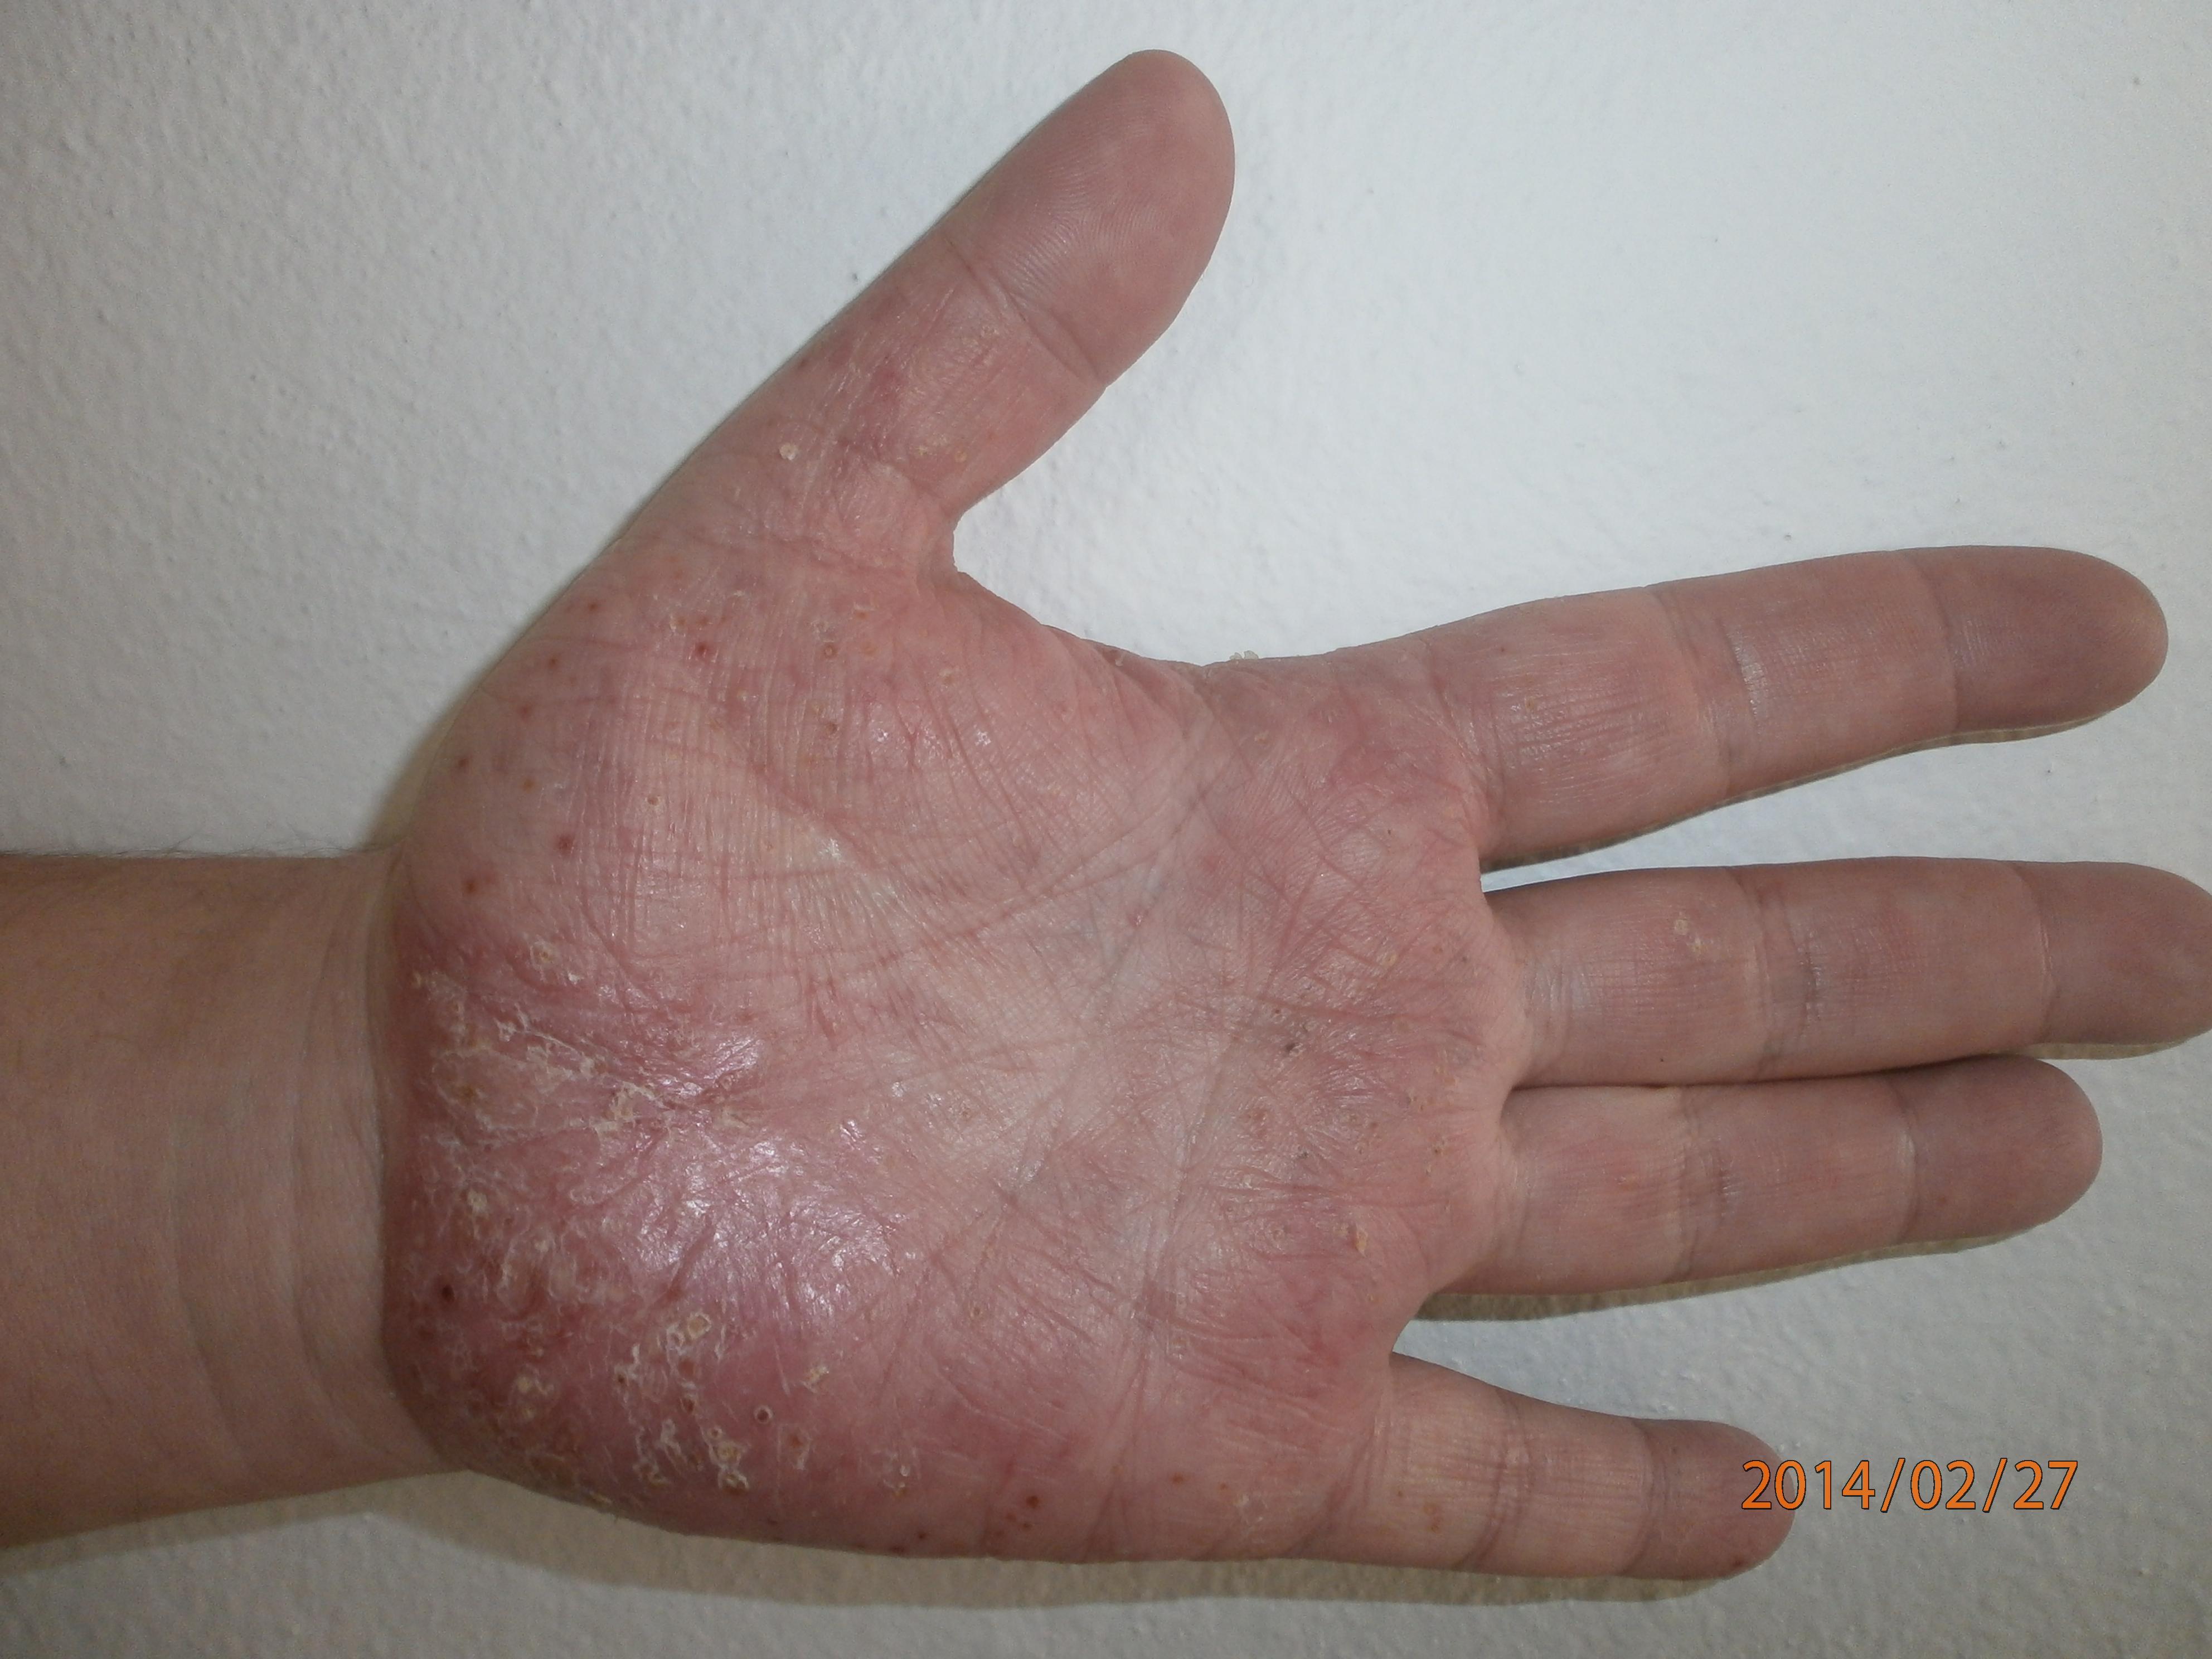 kenőcs a tenyér pikkelysömörének kezelésére celestoderm- kenőcsben vélemények pikkelysömörhöz